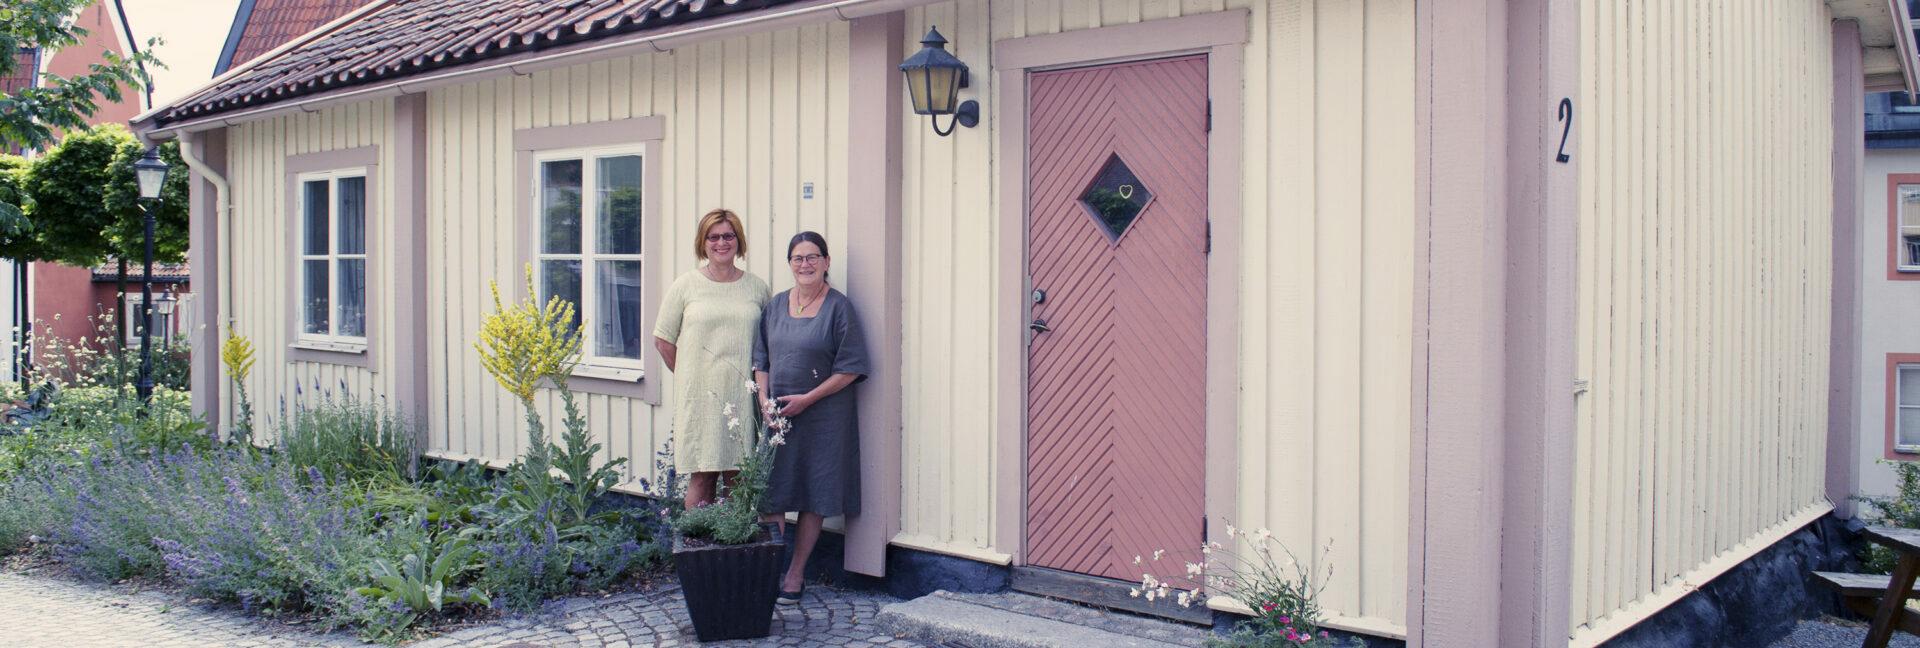 Trädgårdsbutik , Hantverk, Enköping